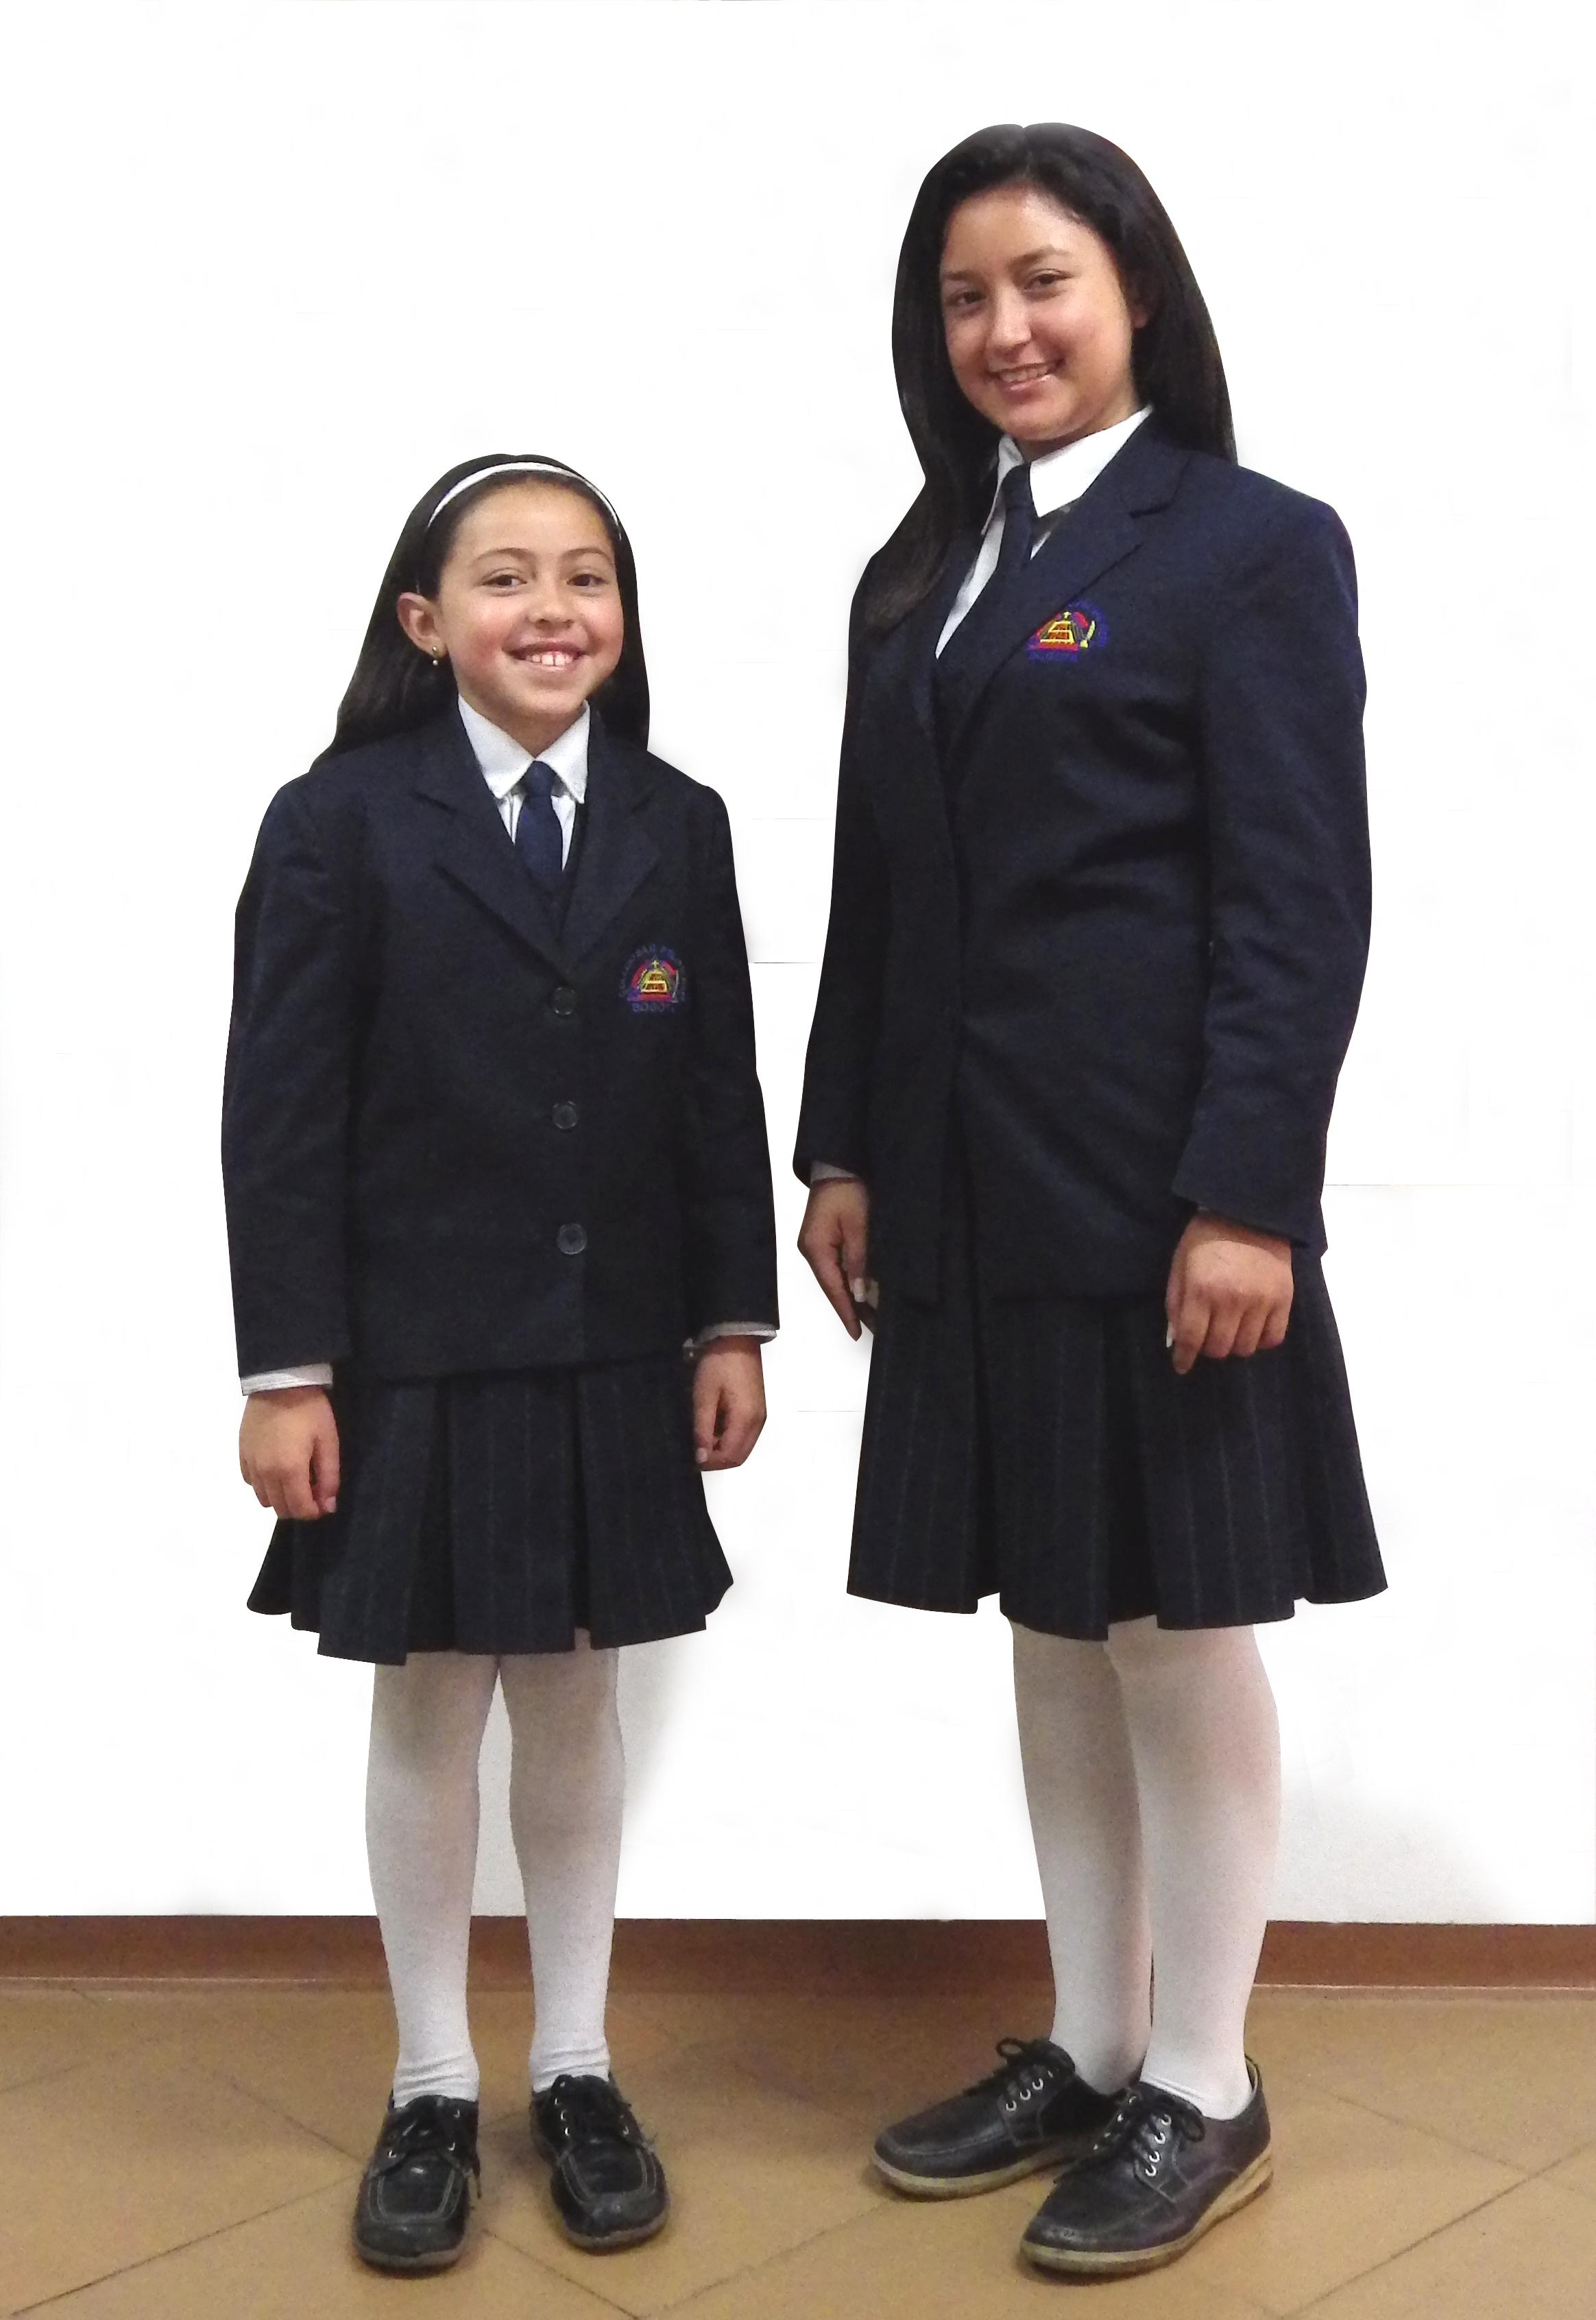 Colegio san felipe neri for Trabajo en comedores escolares bogota